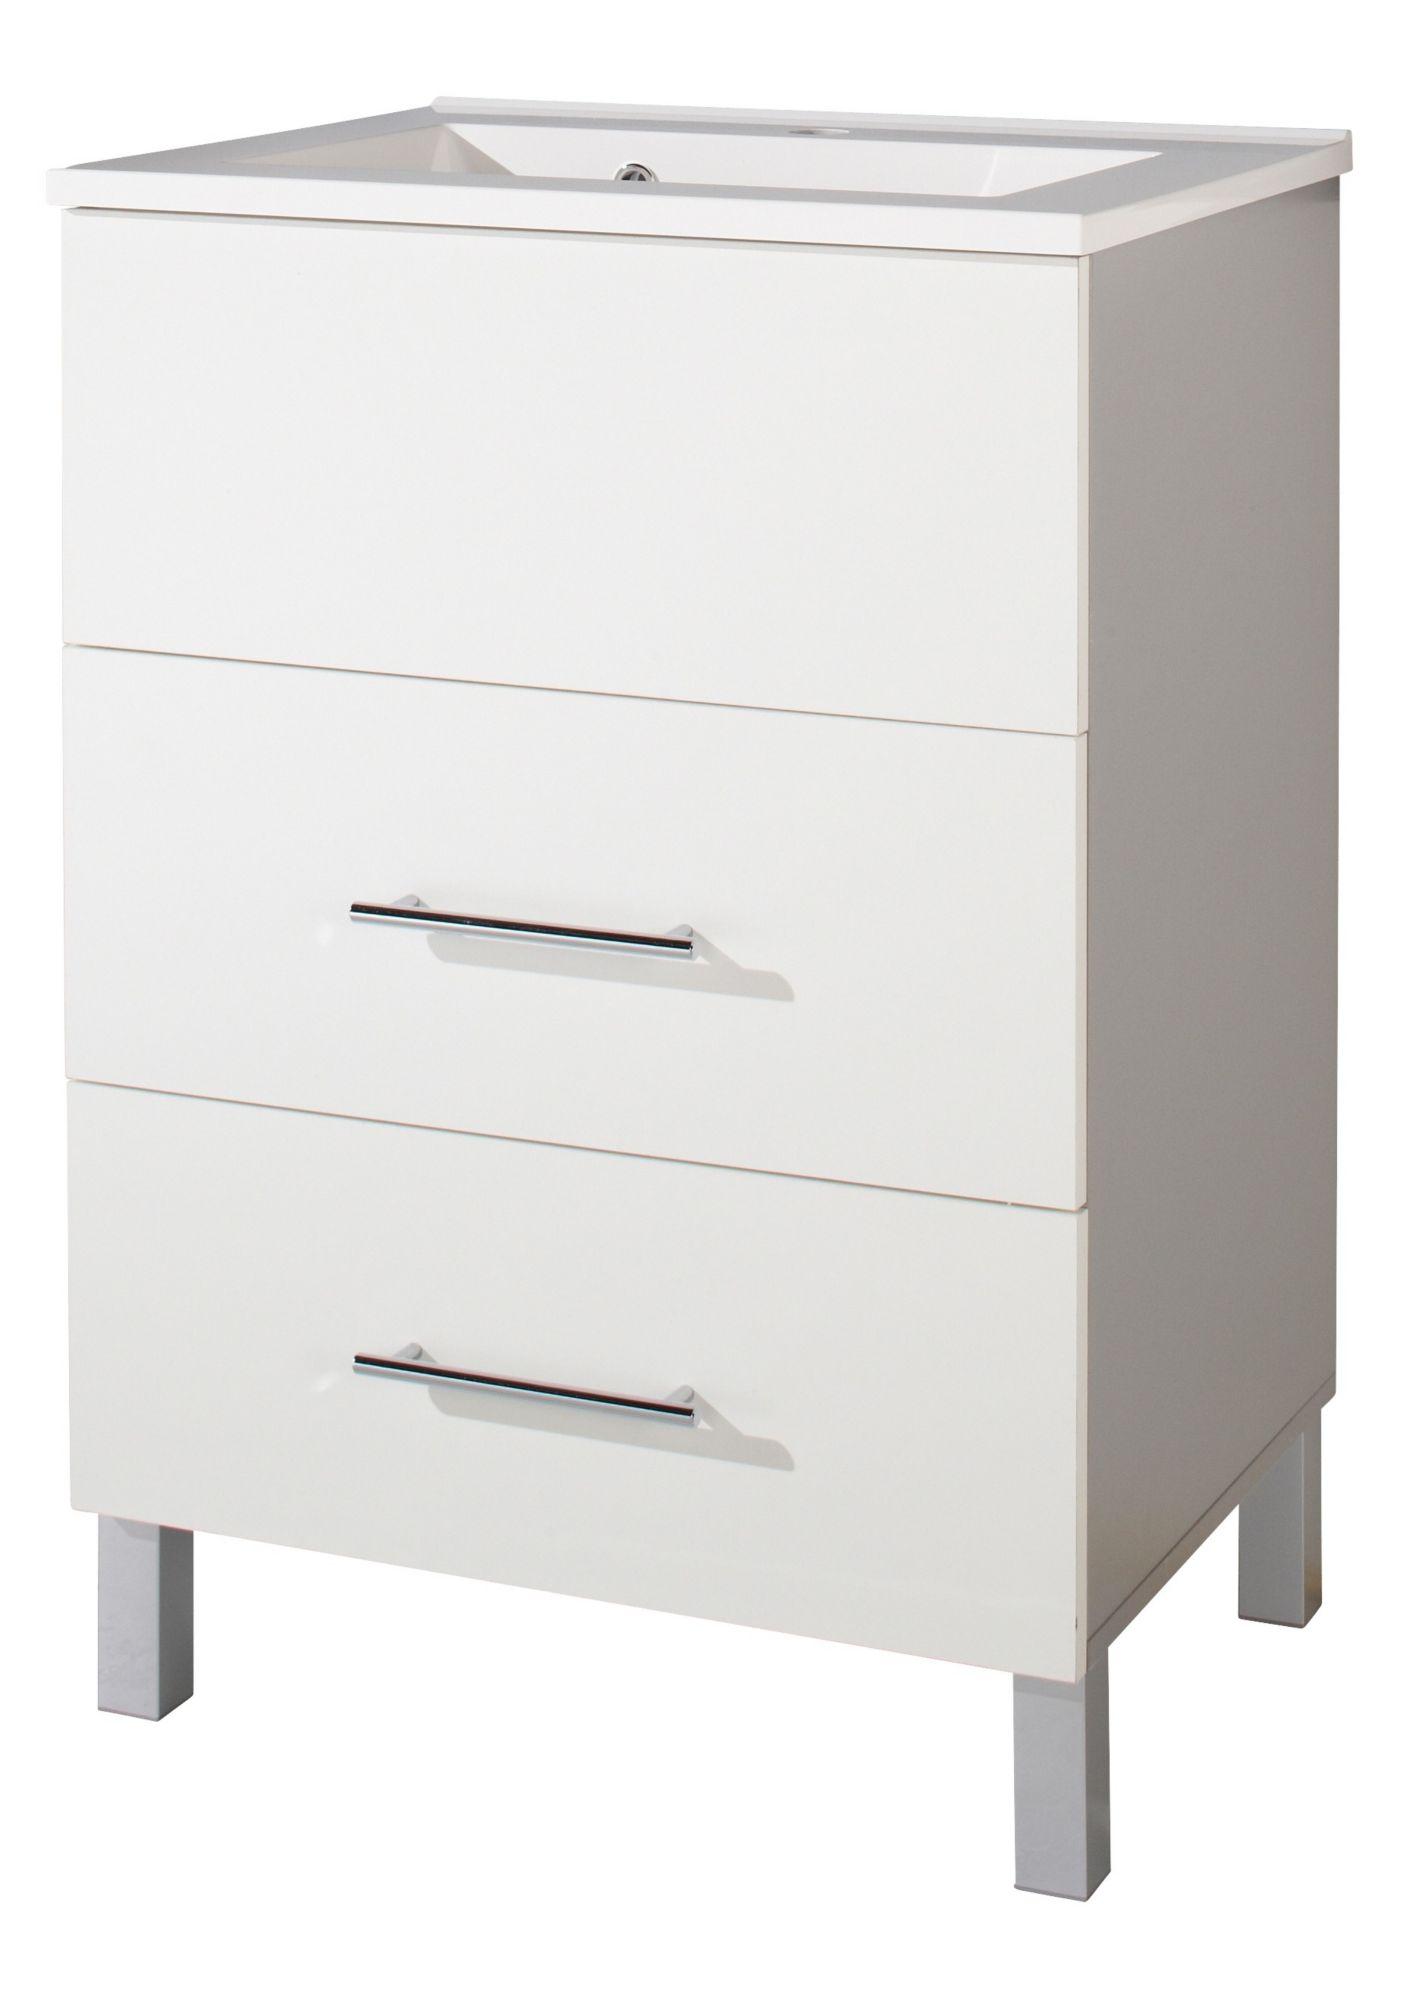 malm im schwab online shop m bel badm belserien. Black Bedroom Furniture Sets. Home Design Ideas